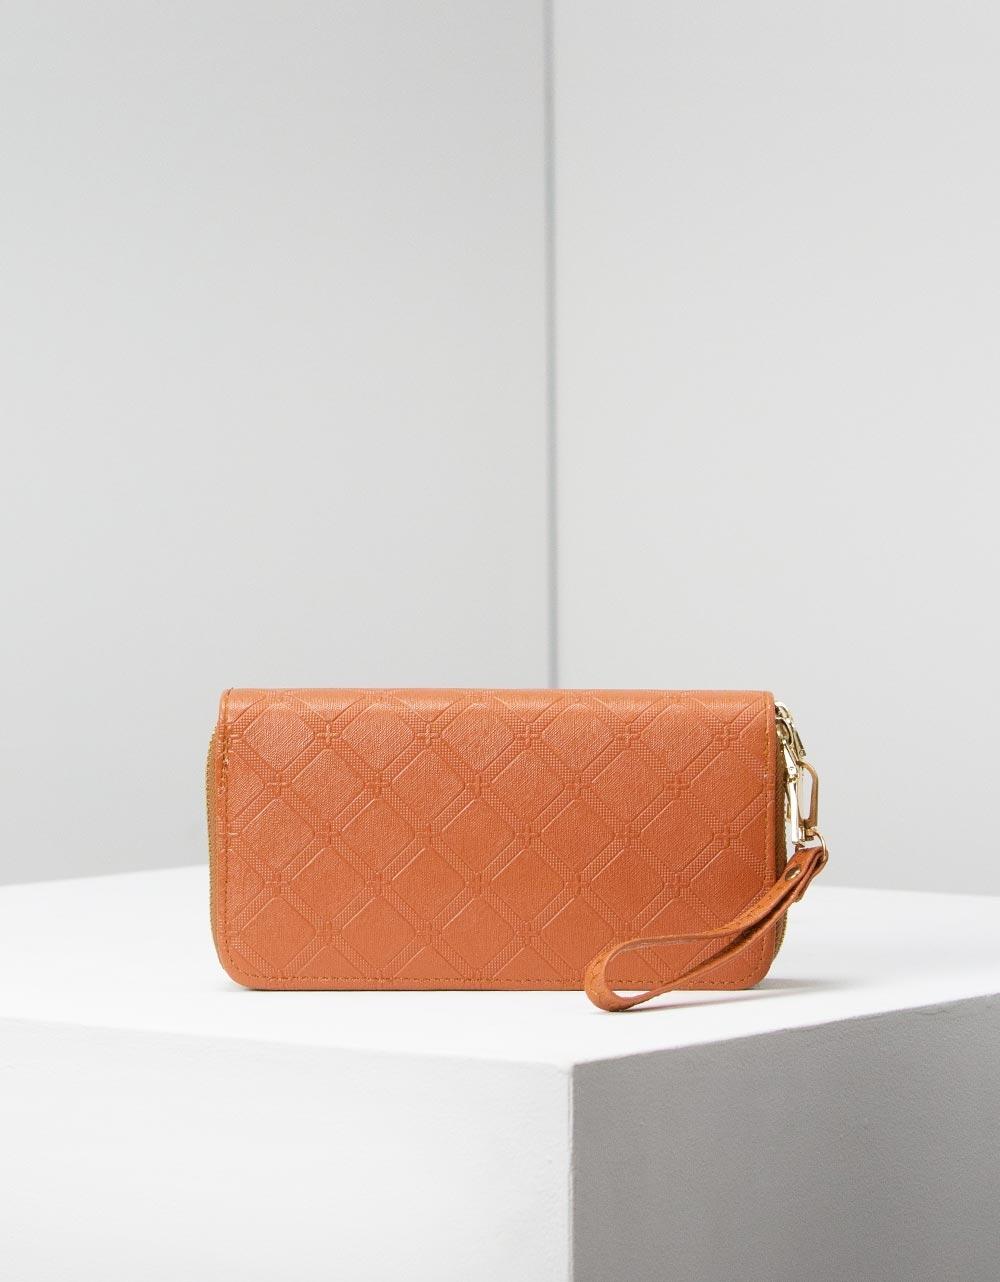 Εικόνα από Γυναικεία πορτοφόλια με φερμουάρ Ταμπά